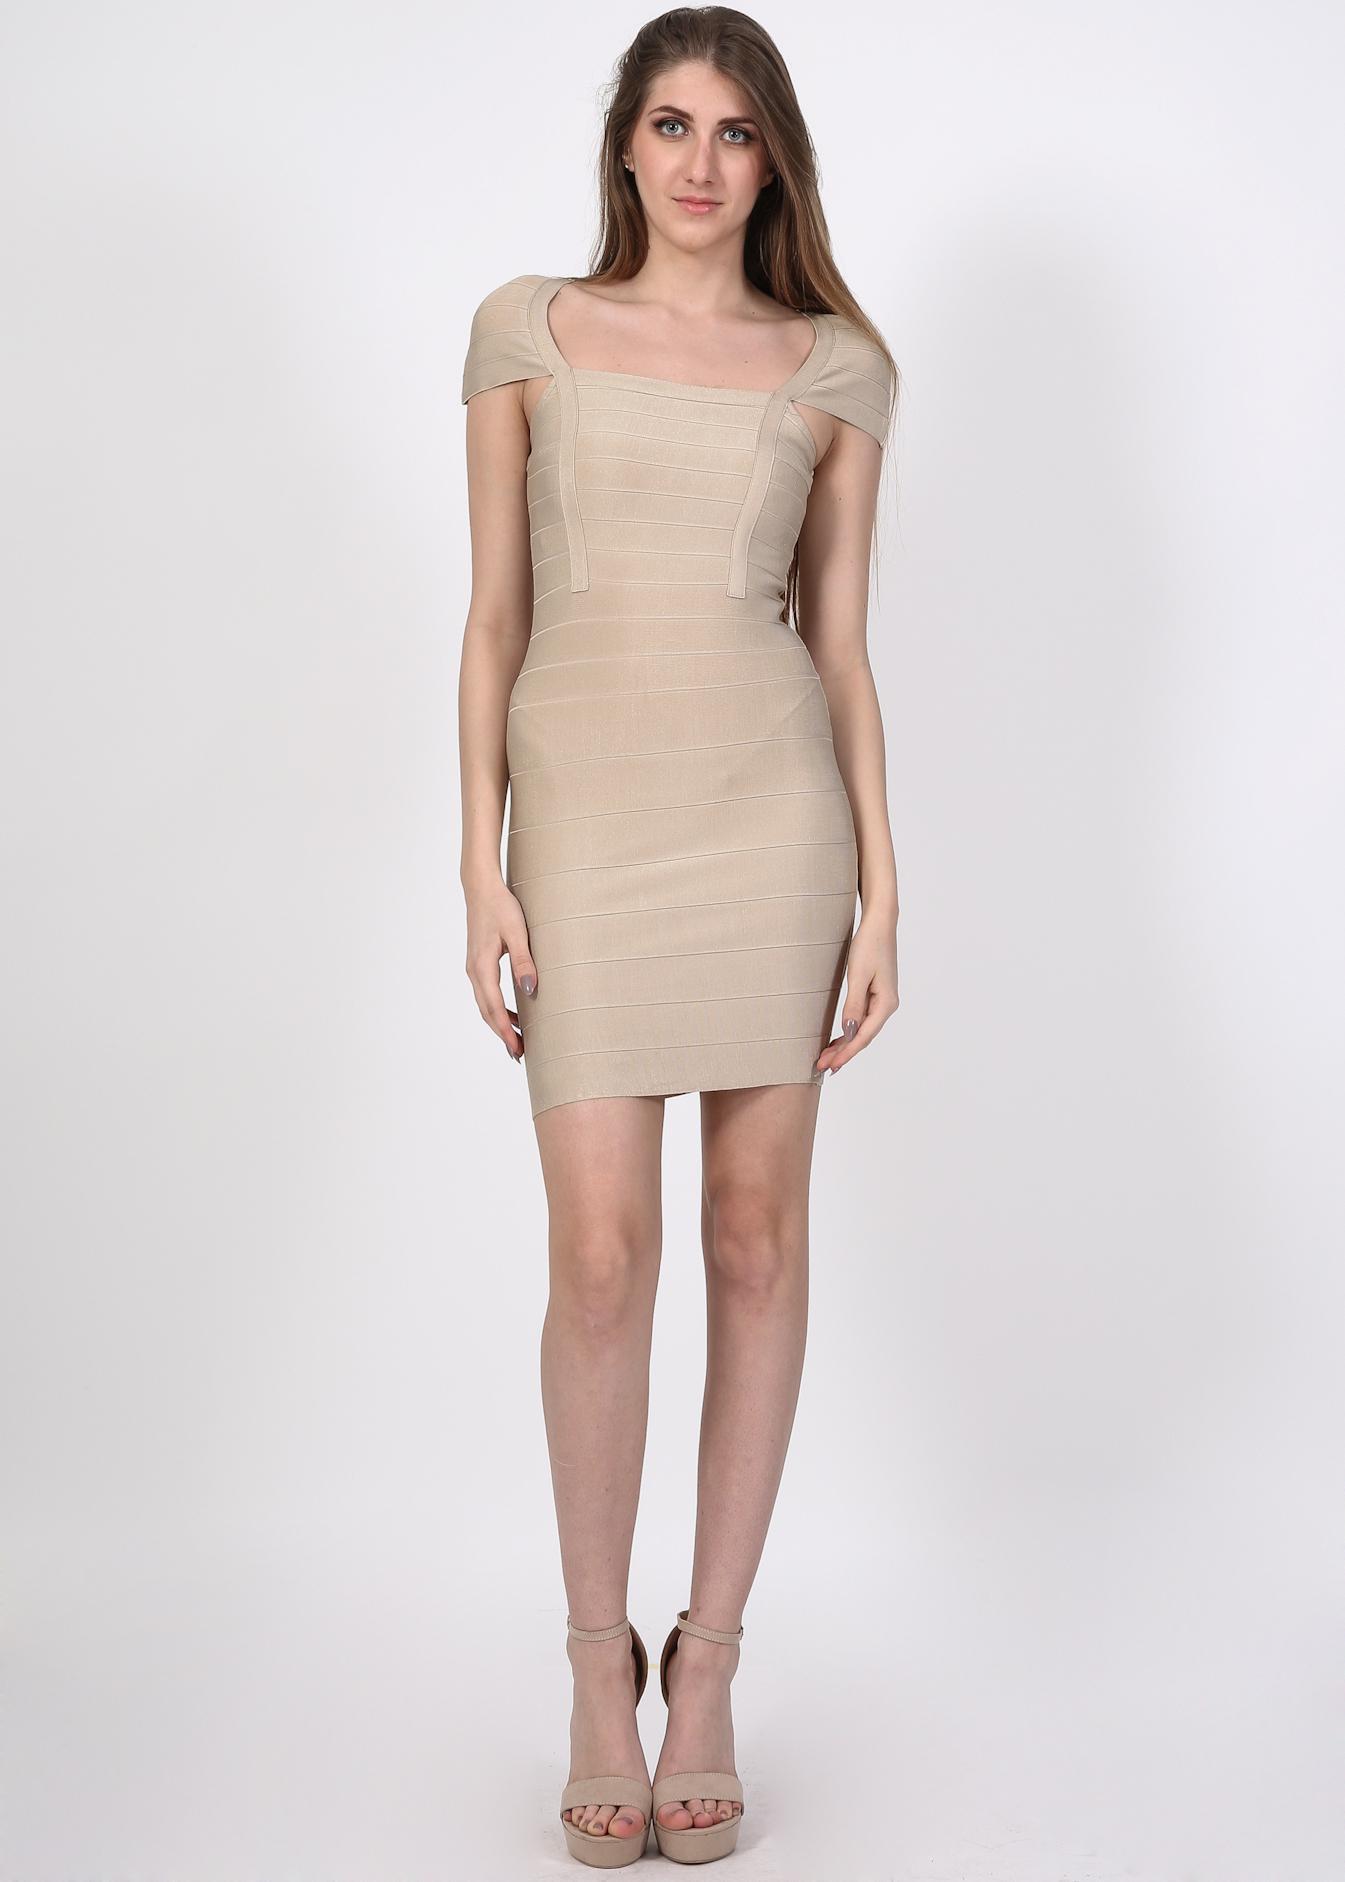 7fd52435d8da Premium nude bandage φόρεμα greek store φορεματα βραδινά φορέματα ...